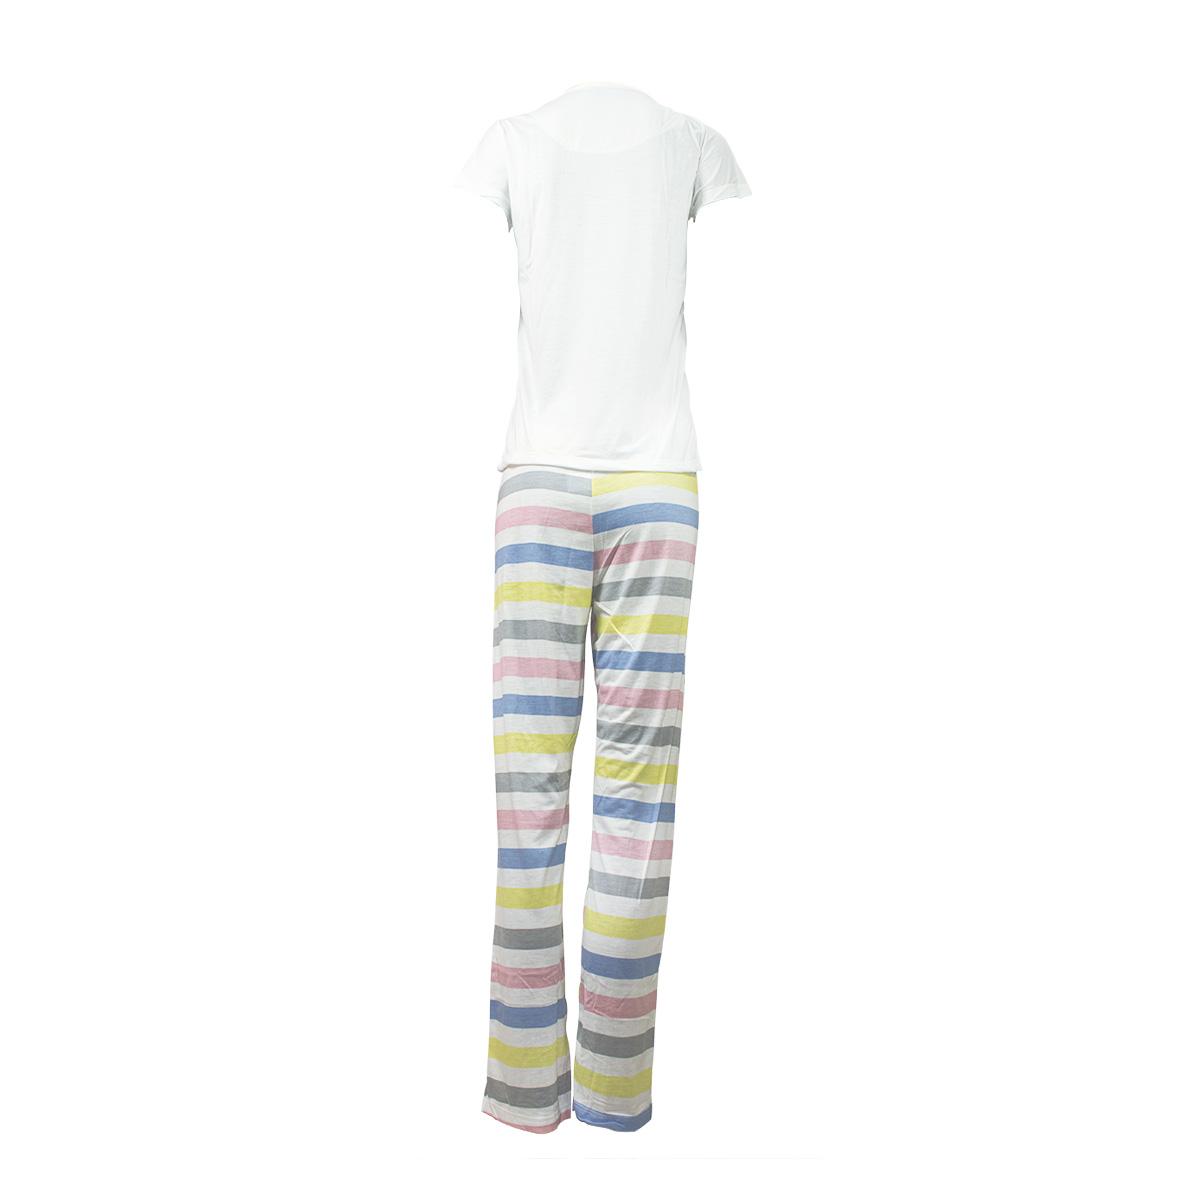 Pijama Feminino Mãe e E Filha Longo  Manga Curta Mardelle